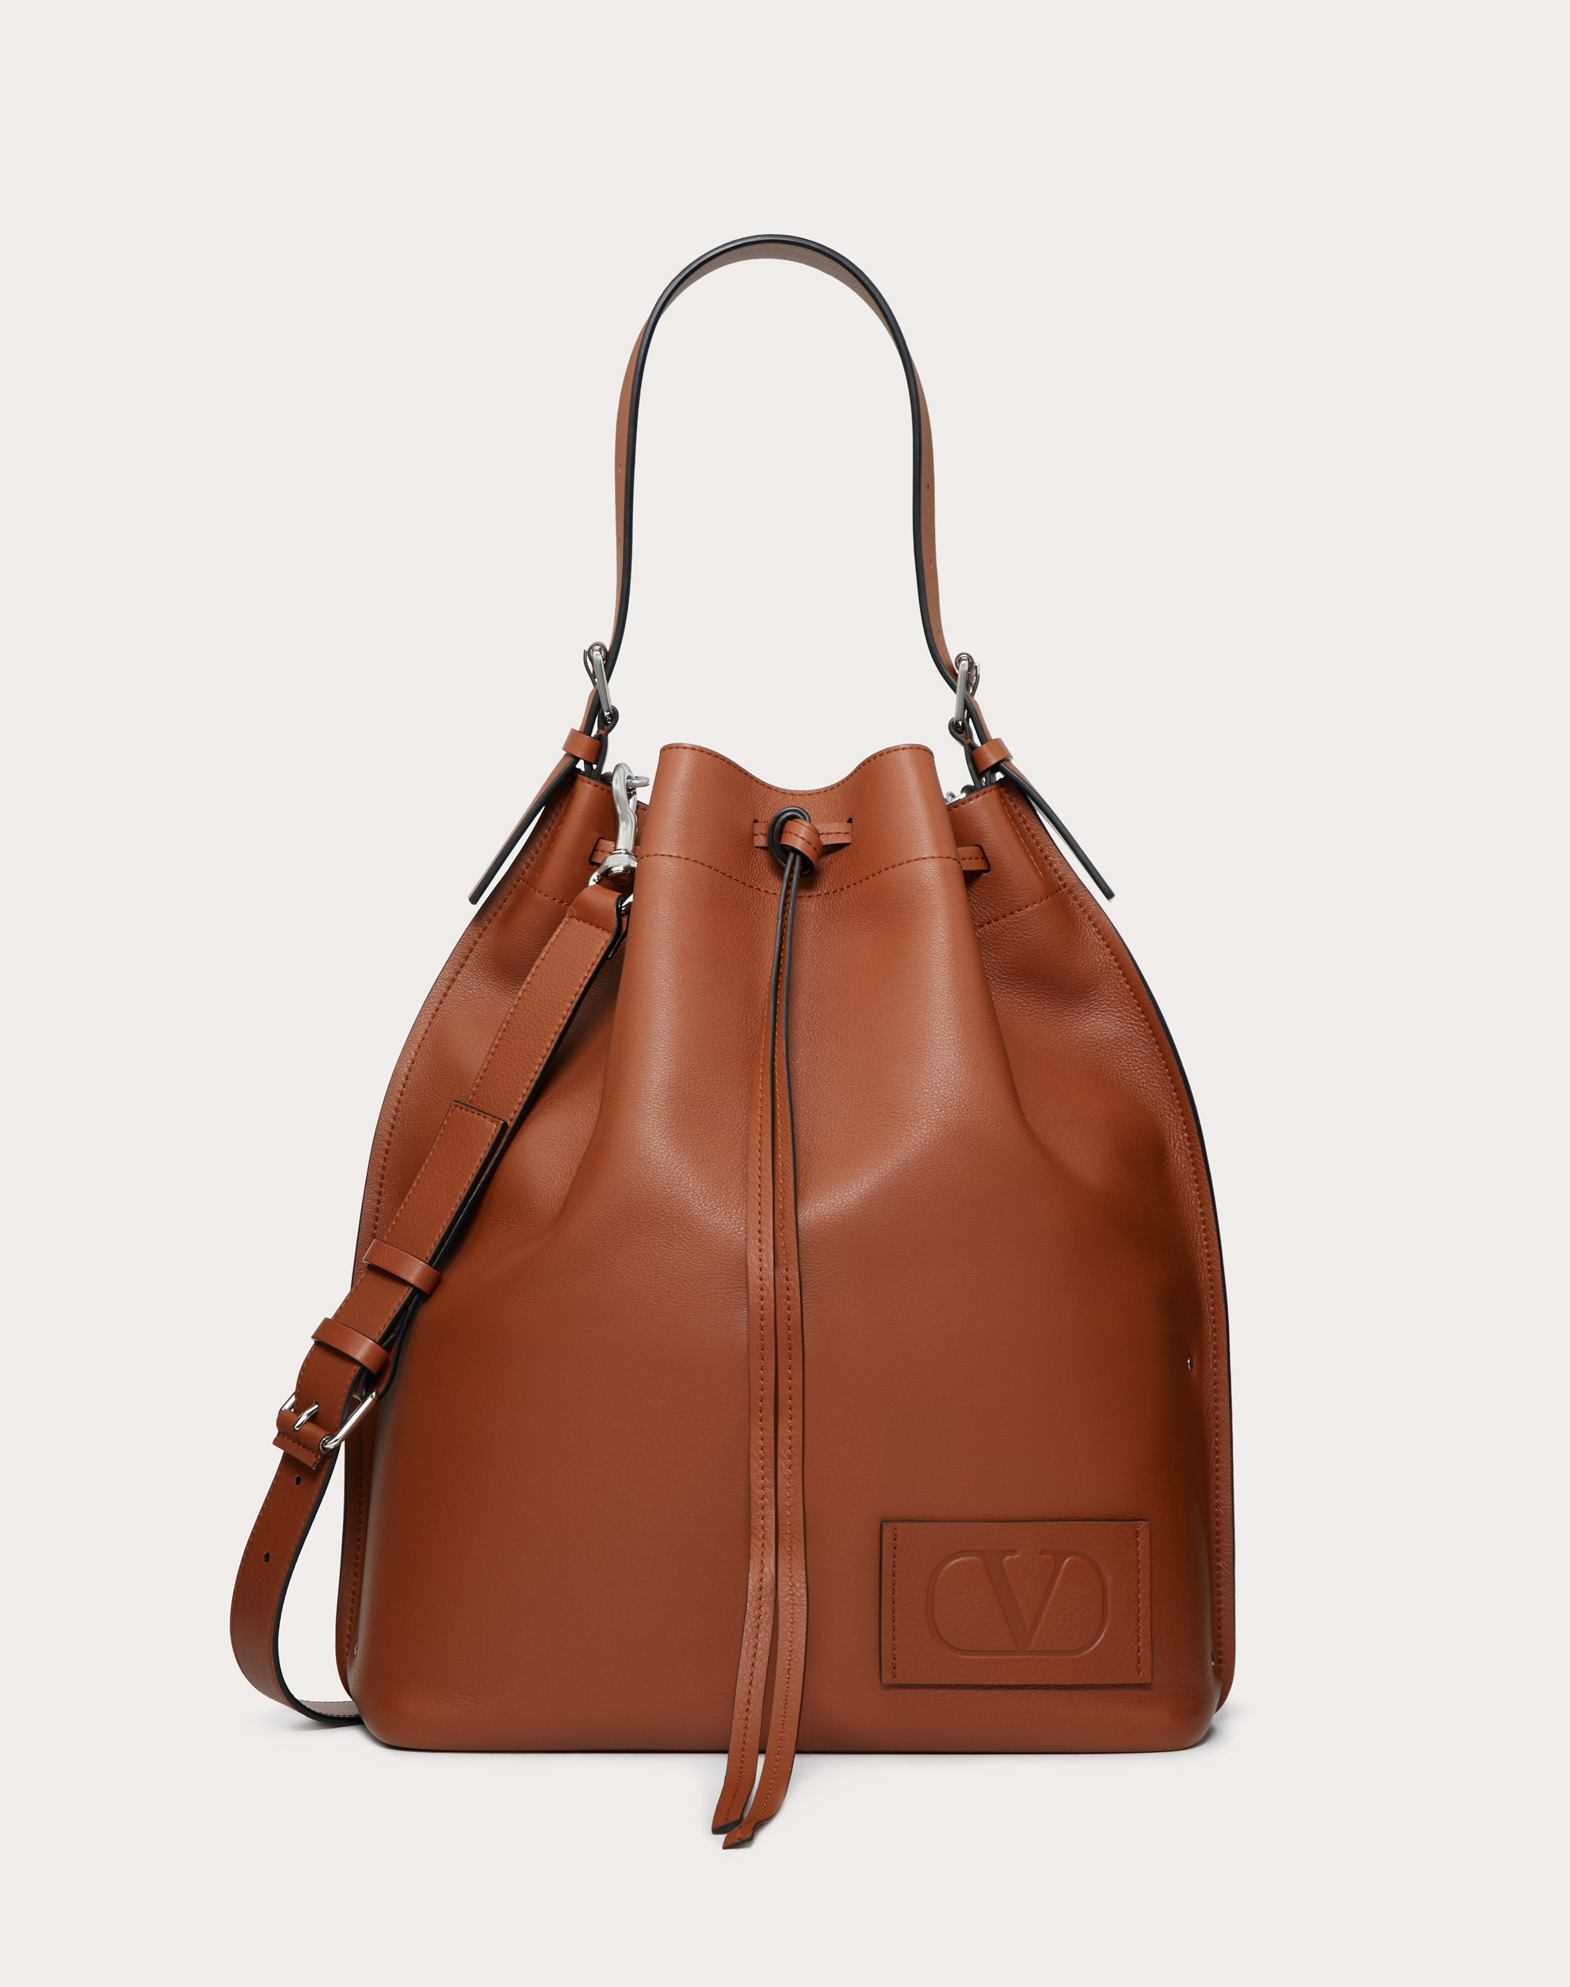 Leather VLOGO bucket bag